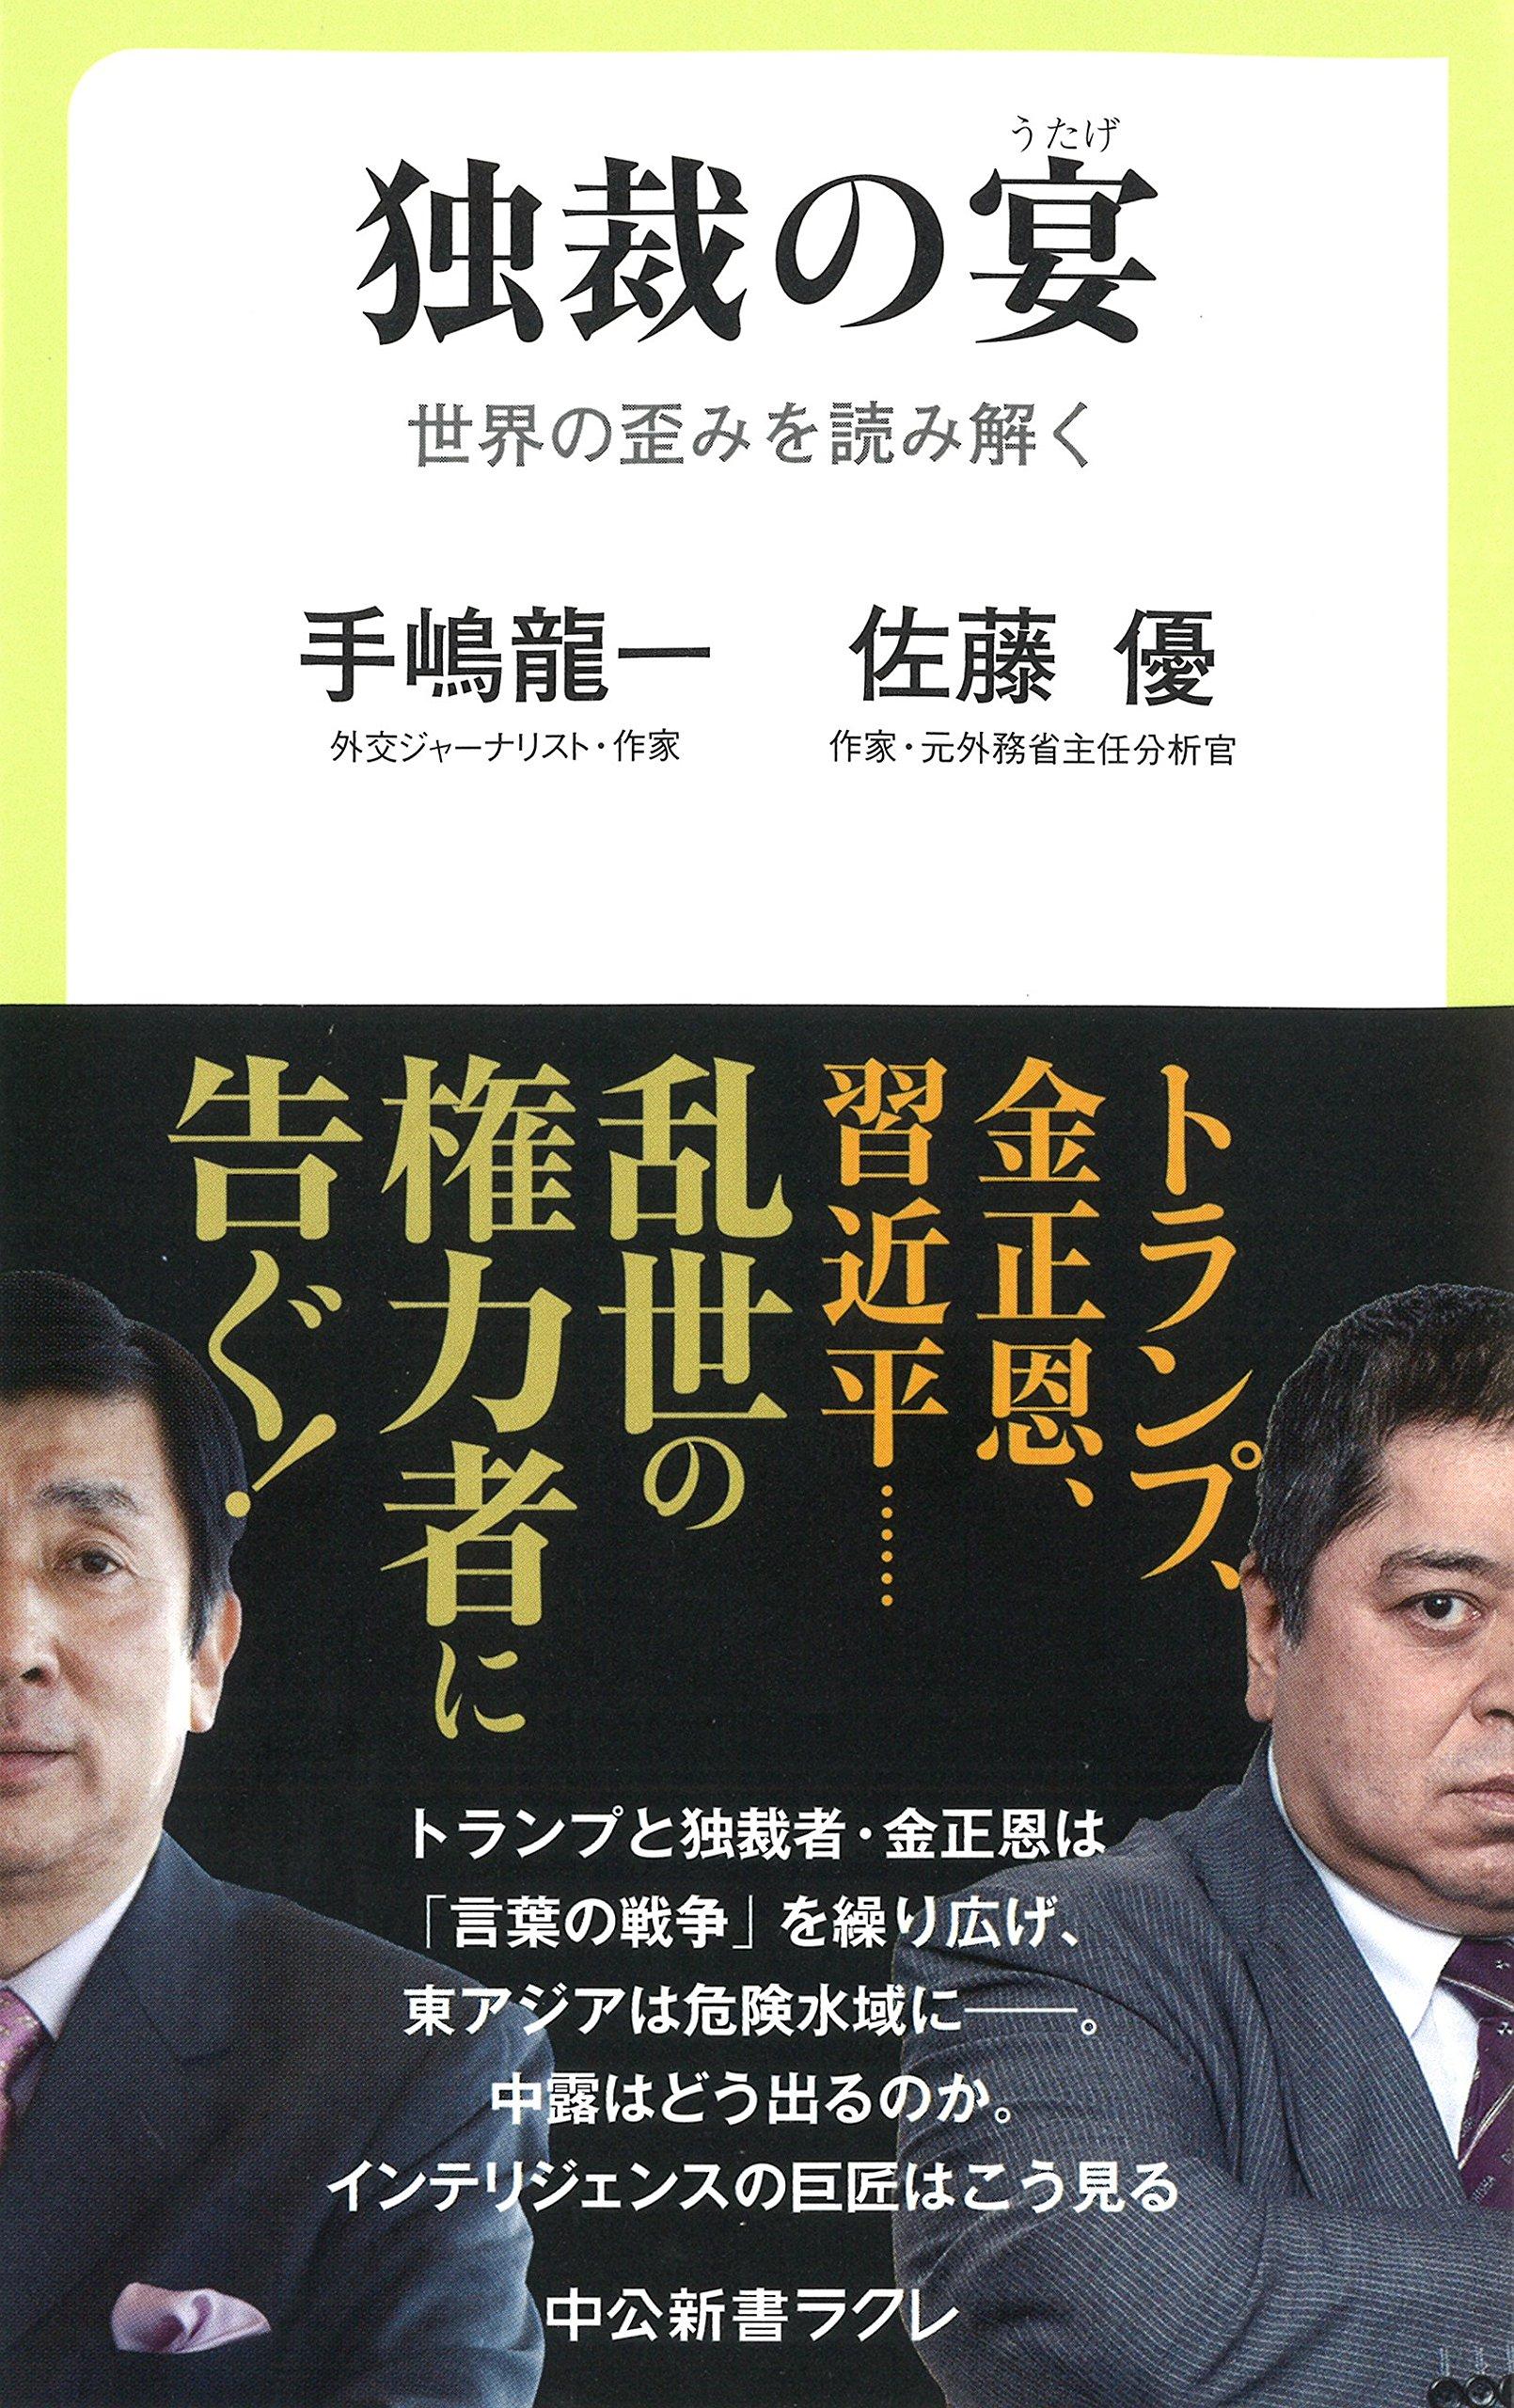 『独裁の宴──世界の歪みを読み解く』